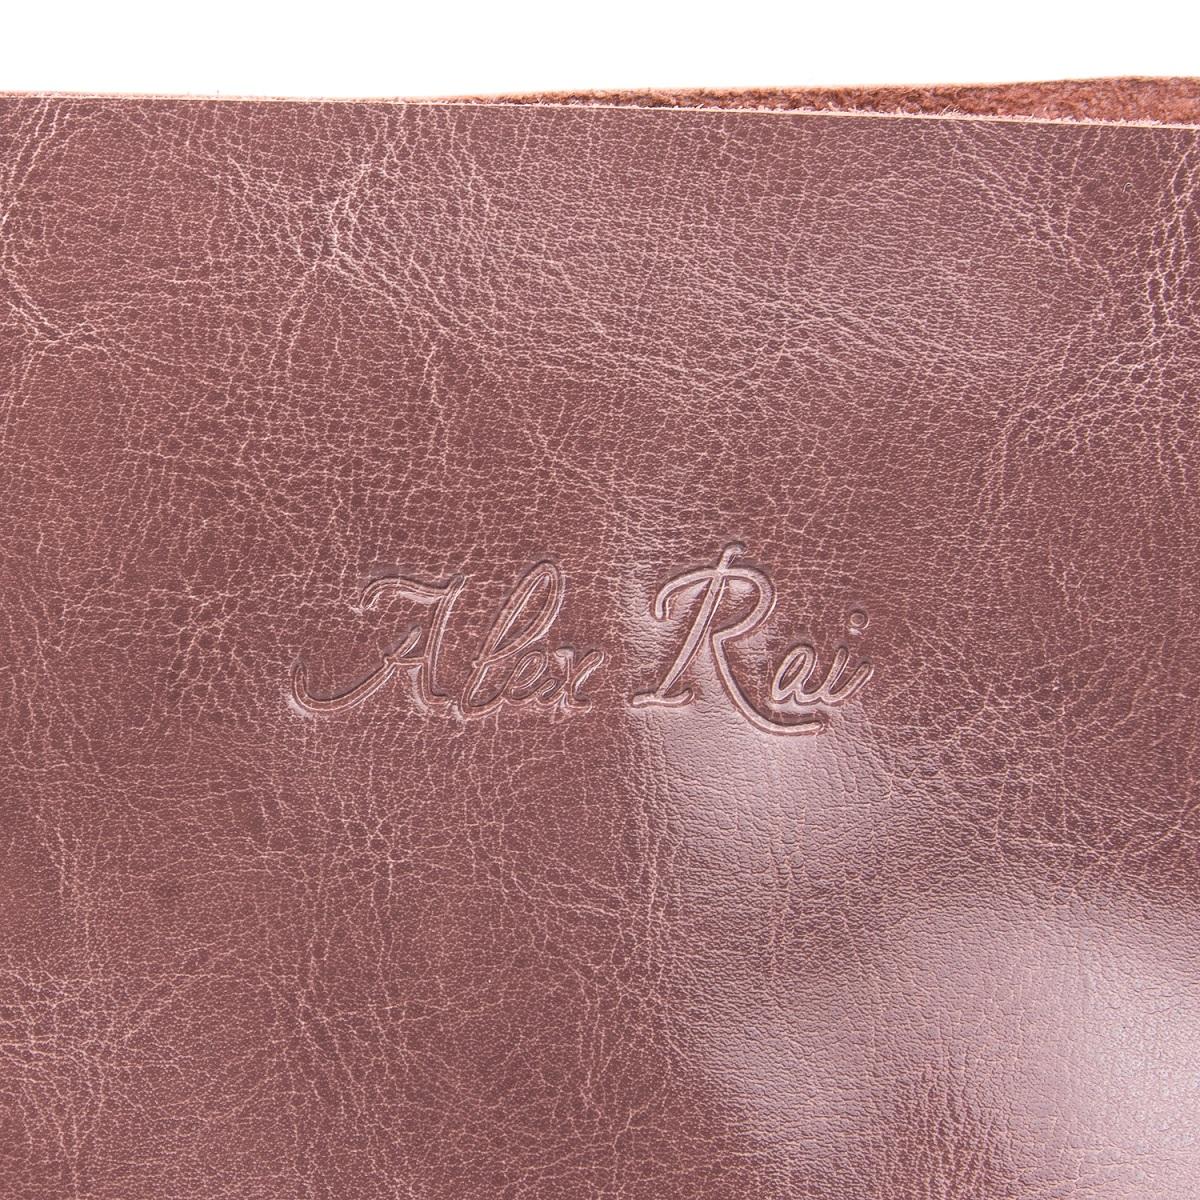 Сумка Женская Классическая кожа ALEX RAI 08-1 8603 violet - фото 5